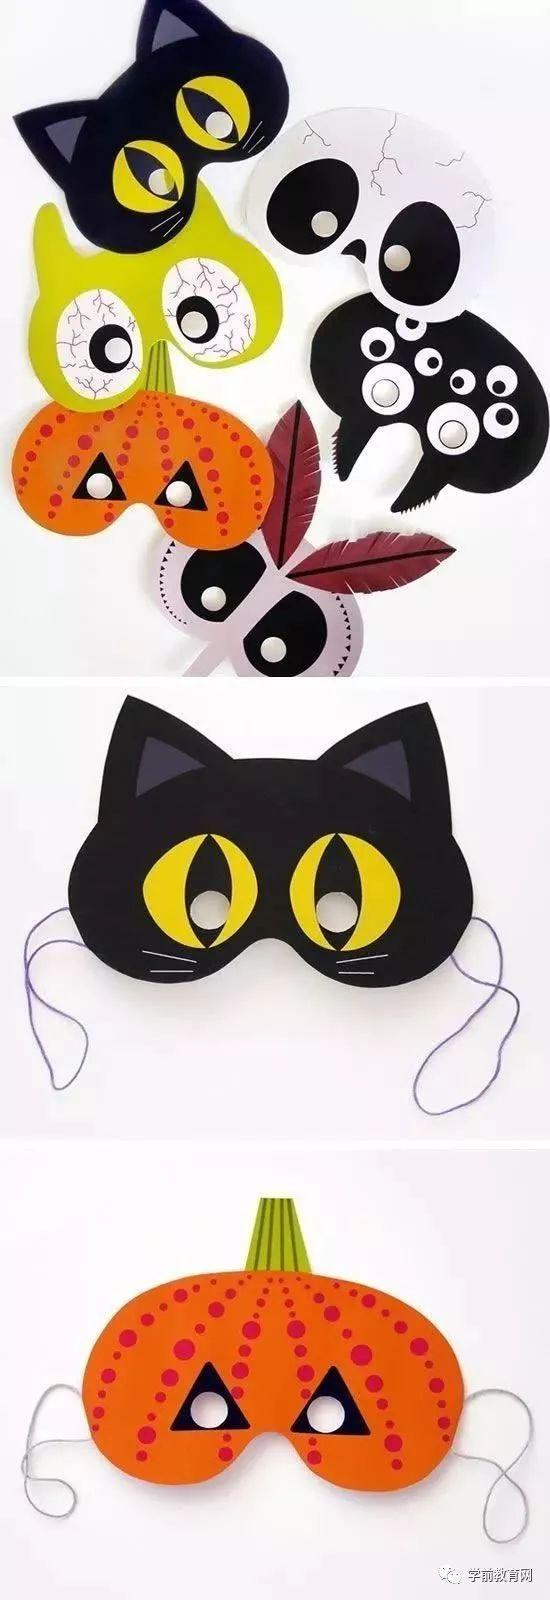 创意手工:万圣节恐怖的怪兽,搞怪的面具,俏皮的帽子,华丽的彩衣图片